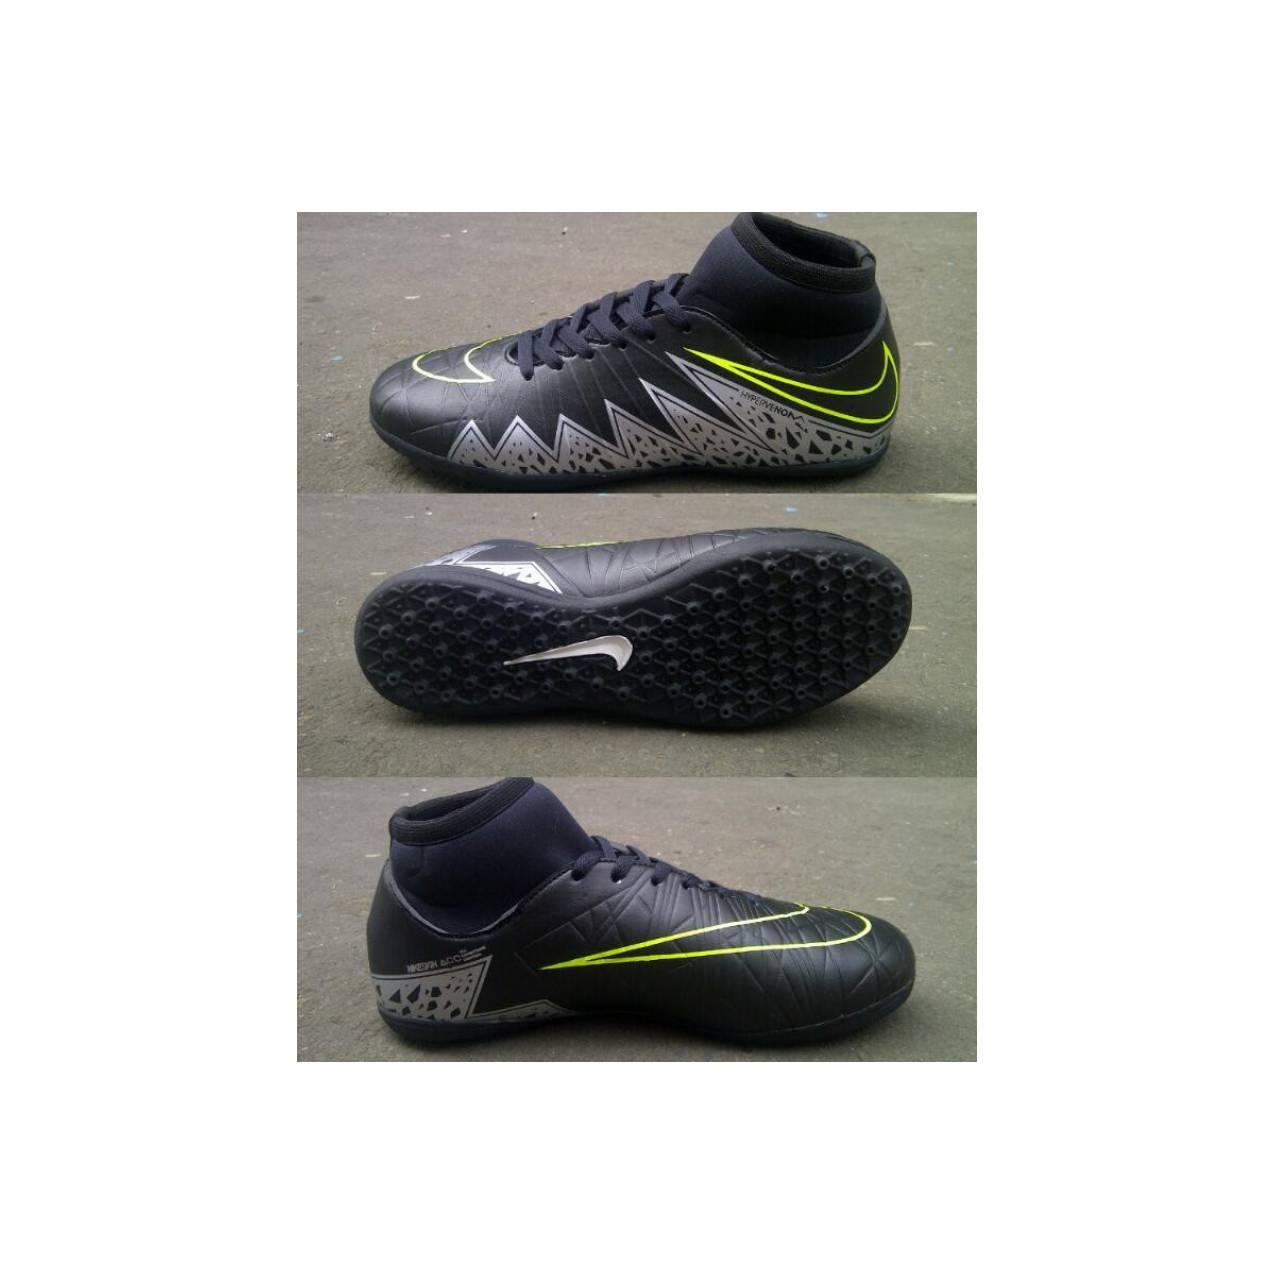 Sepatu Futsal Nike Hypervenom Hitam - KW Super